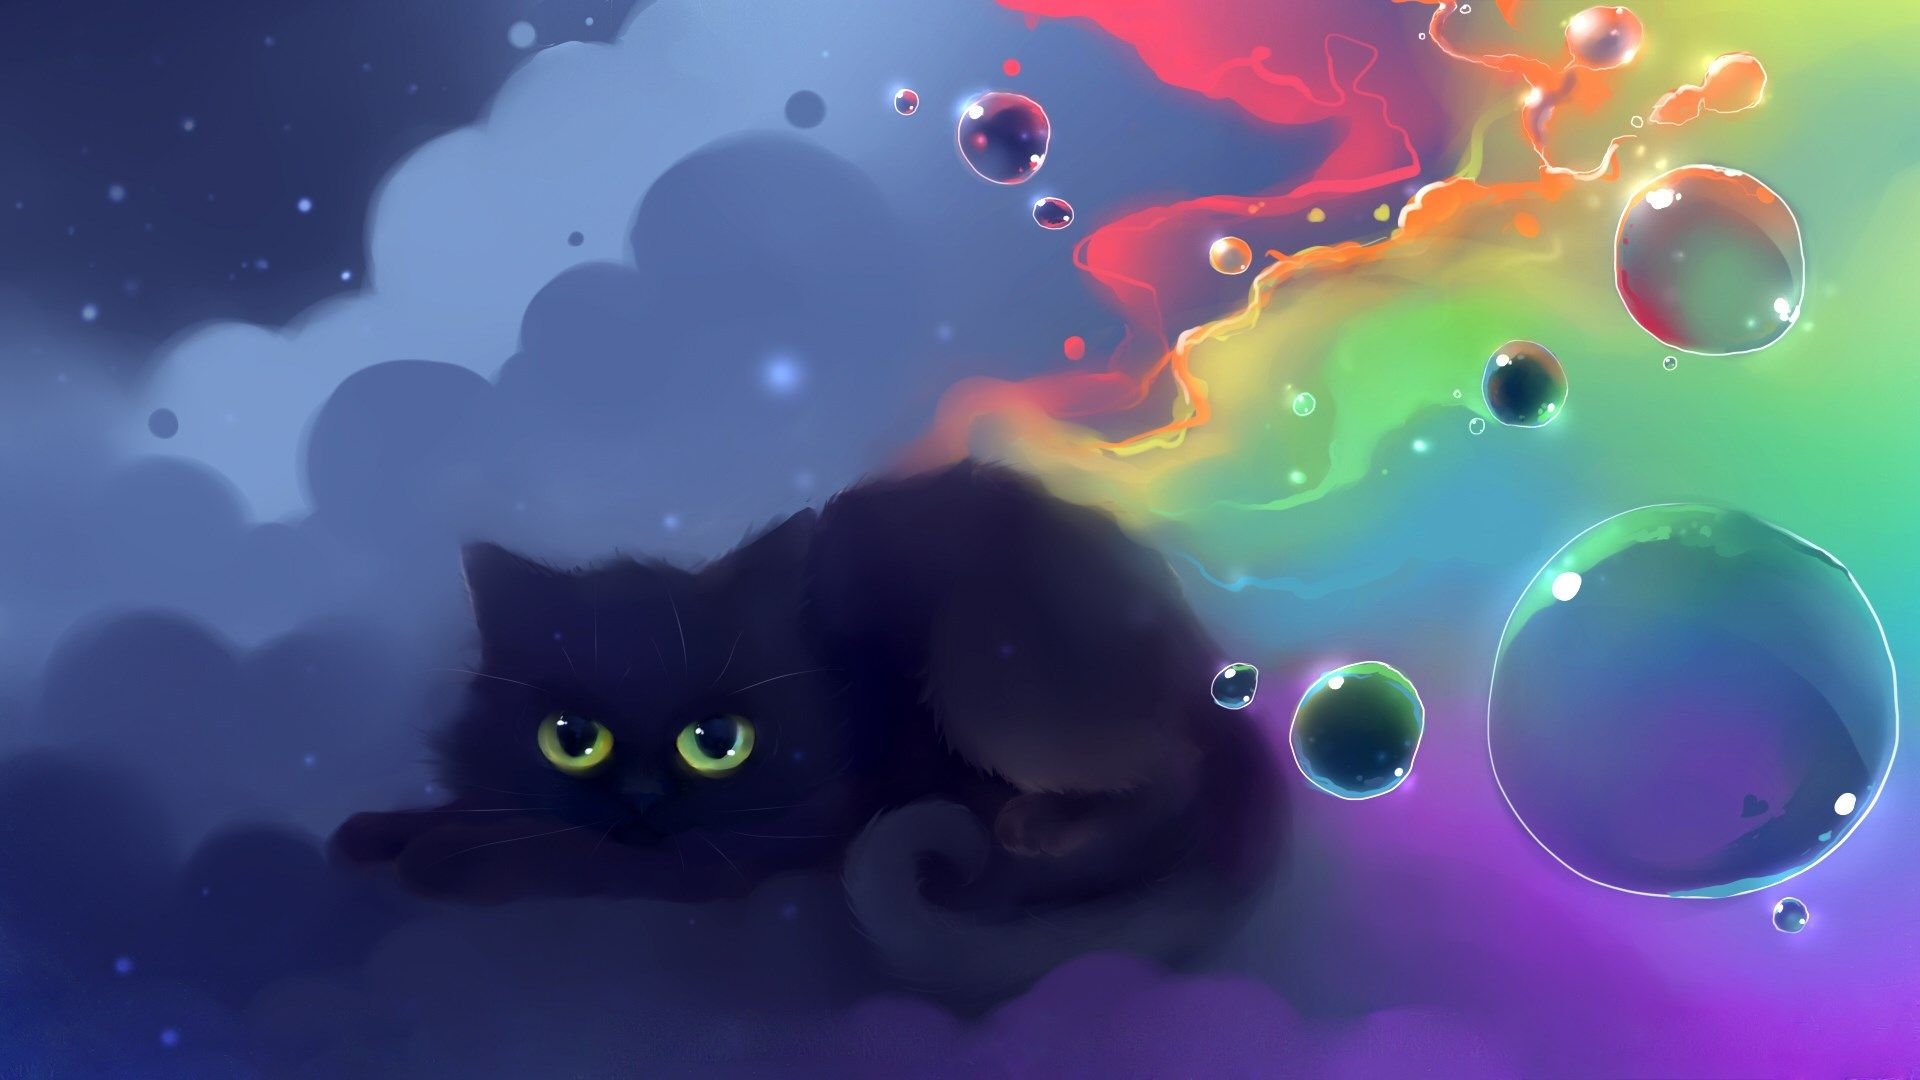 Anime Cat Wallpaper For Desktop